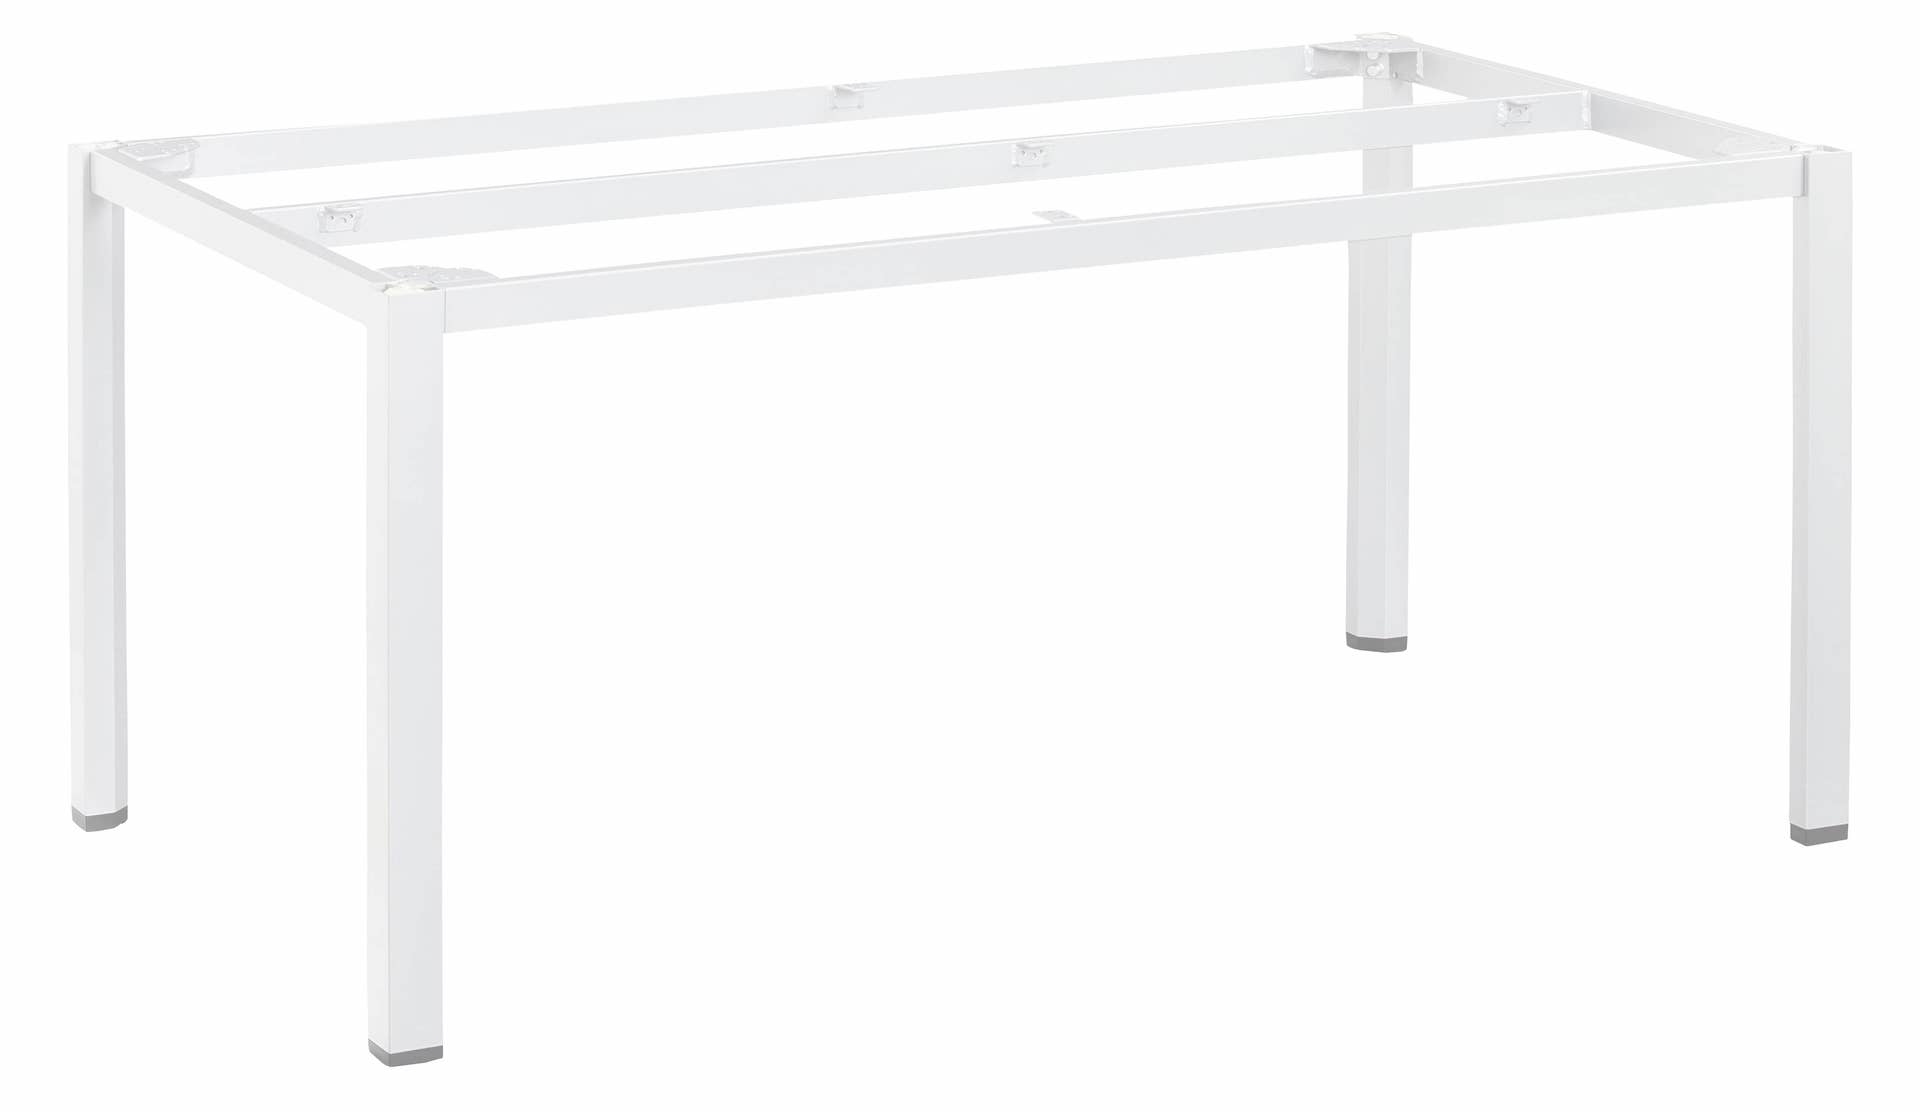 CUBIC Aluminium Tischgestell 160 x 95 x 72 cm